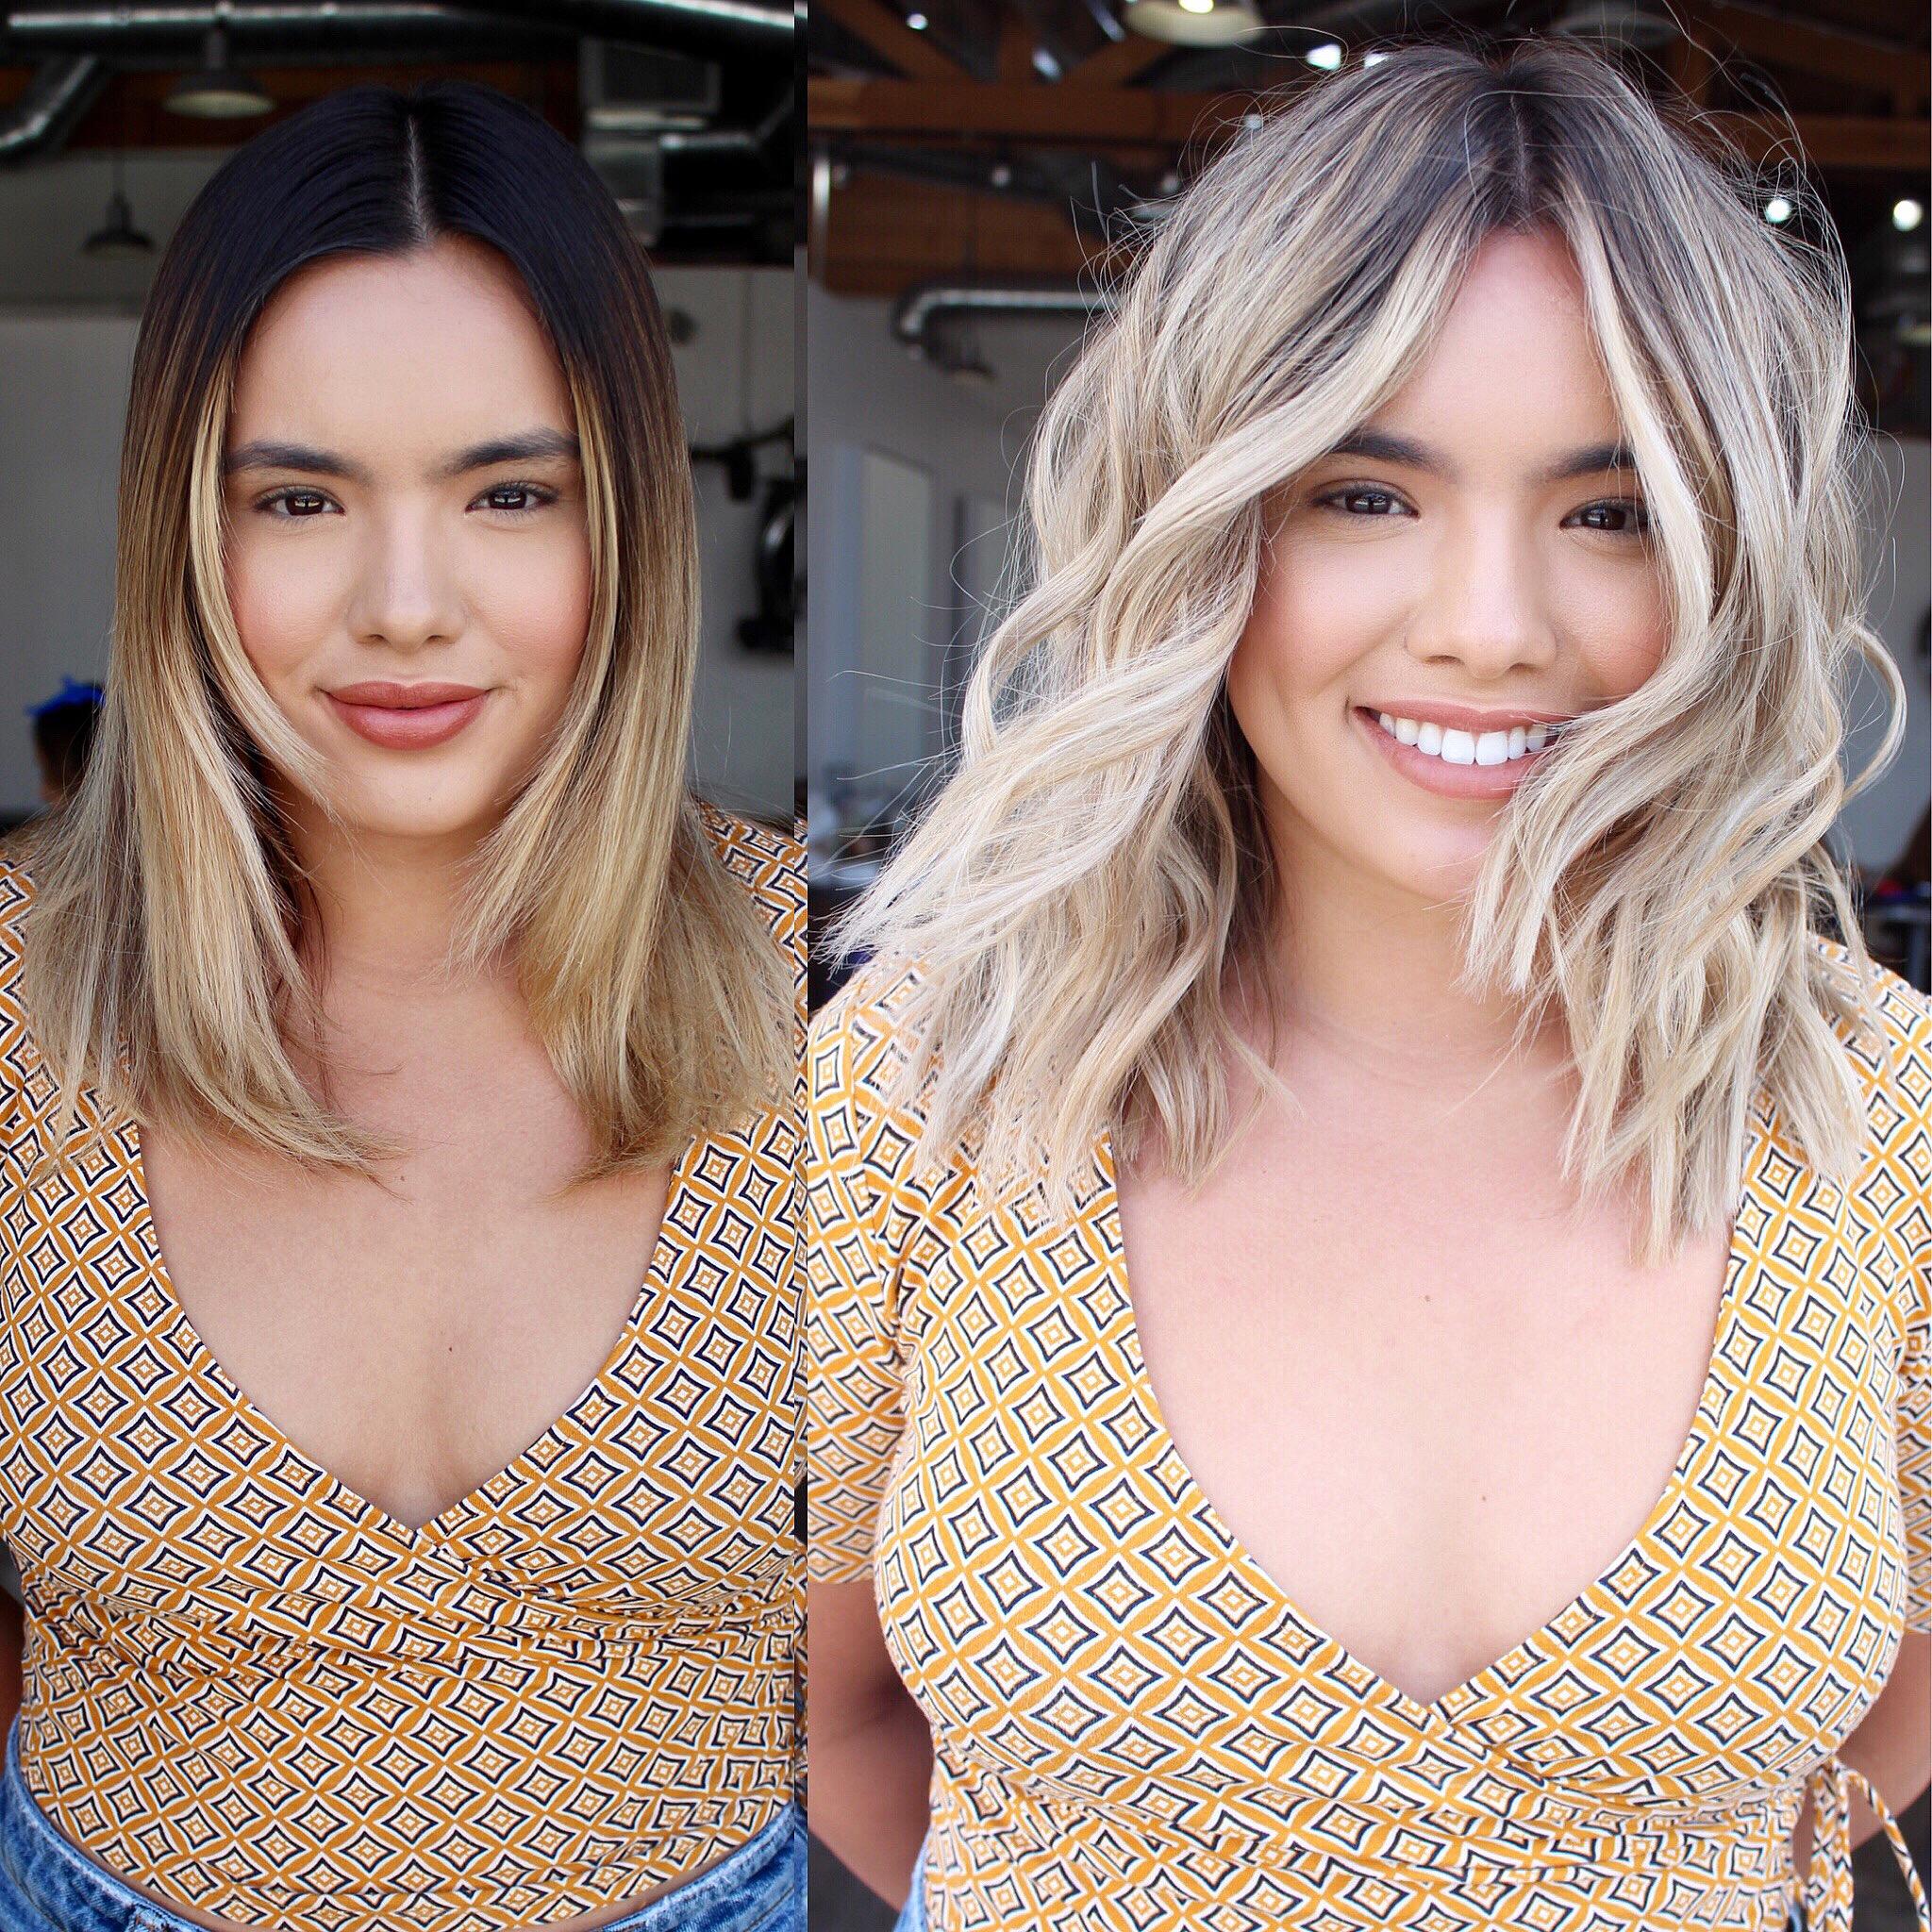 Hair color makeover by Andreana Nunez (@dreeanaloveee)